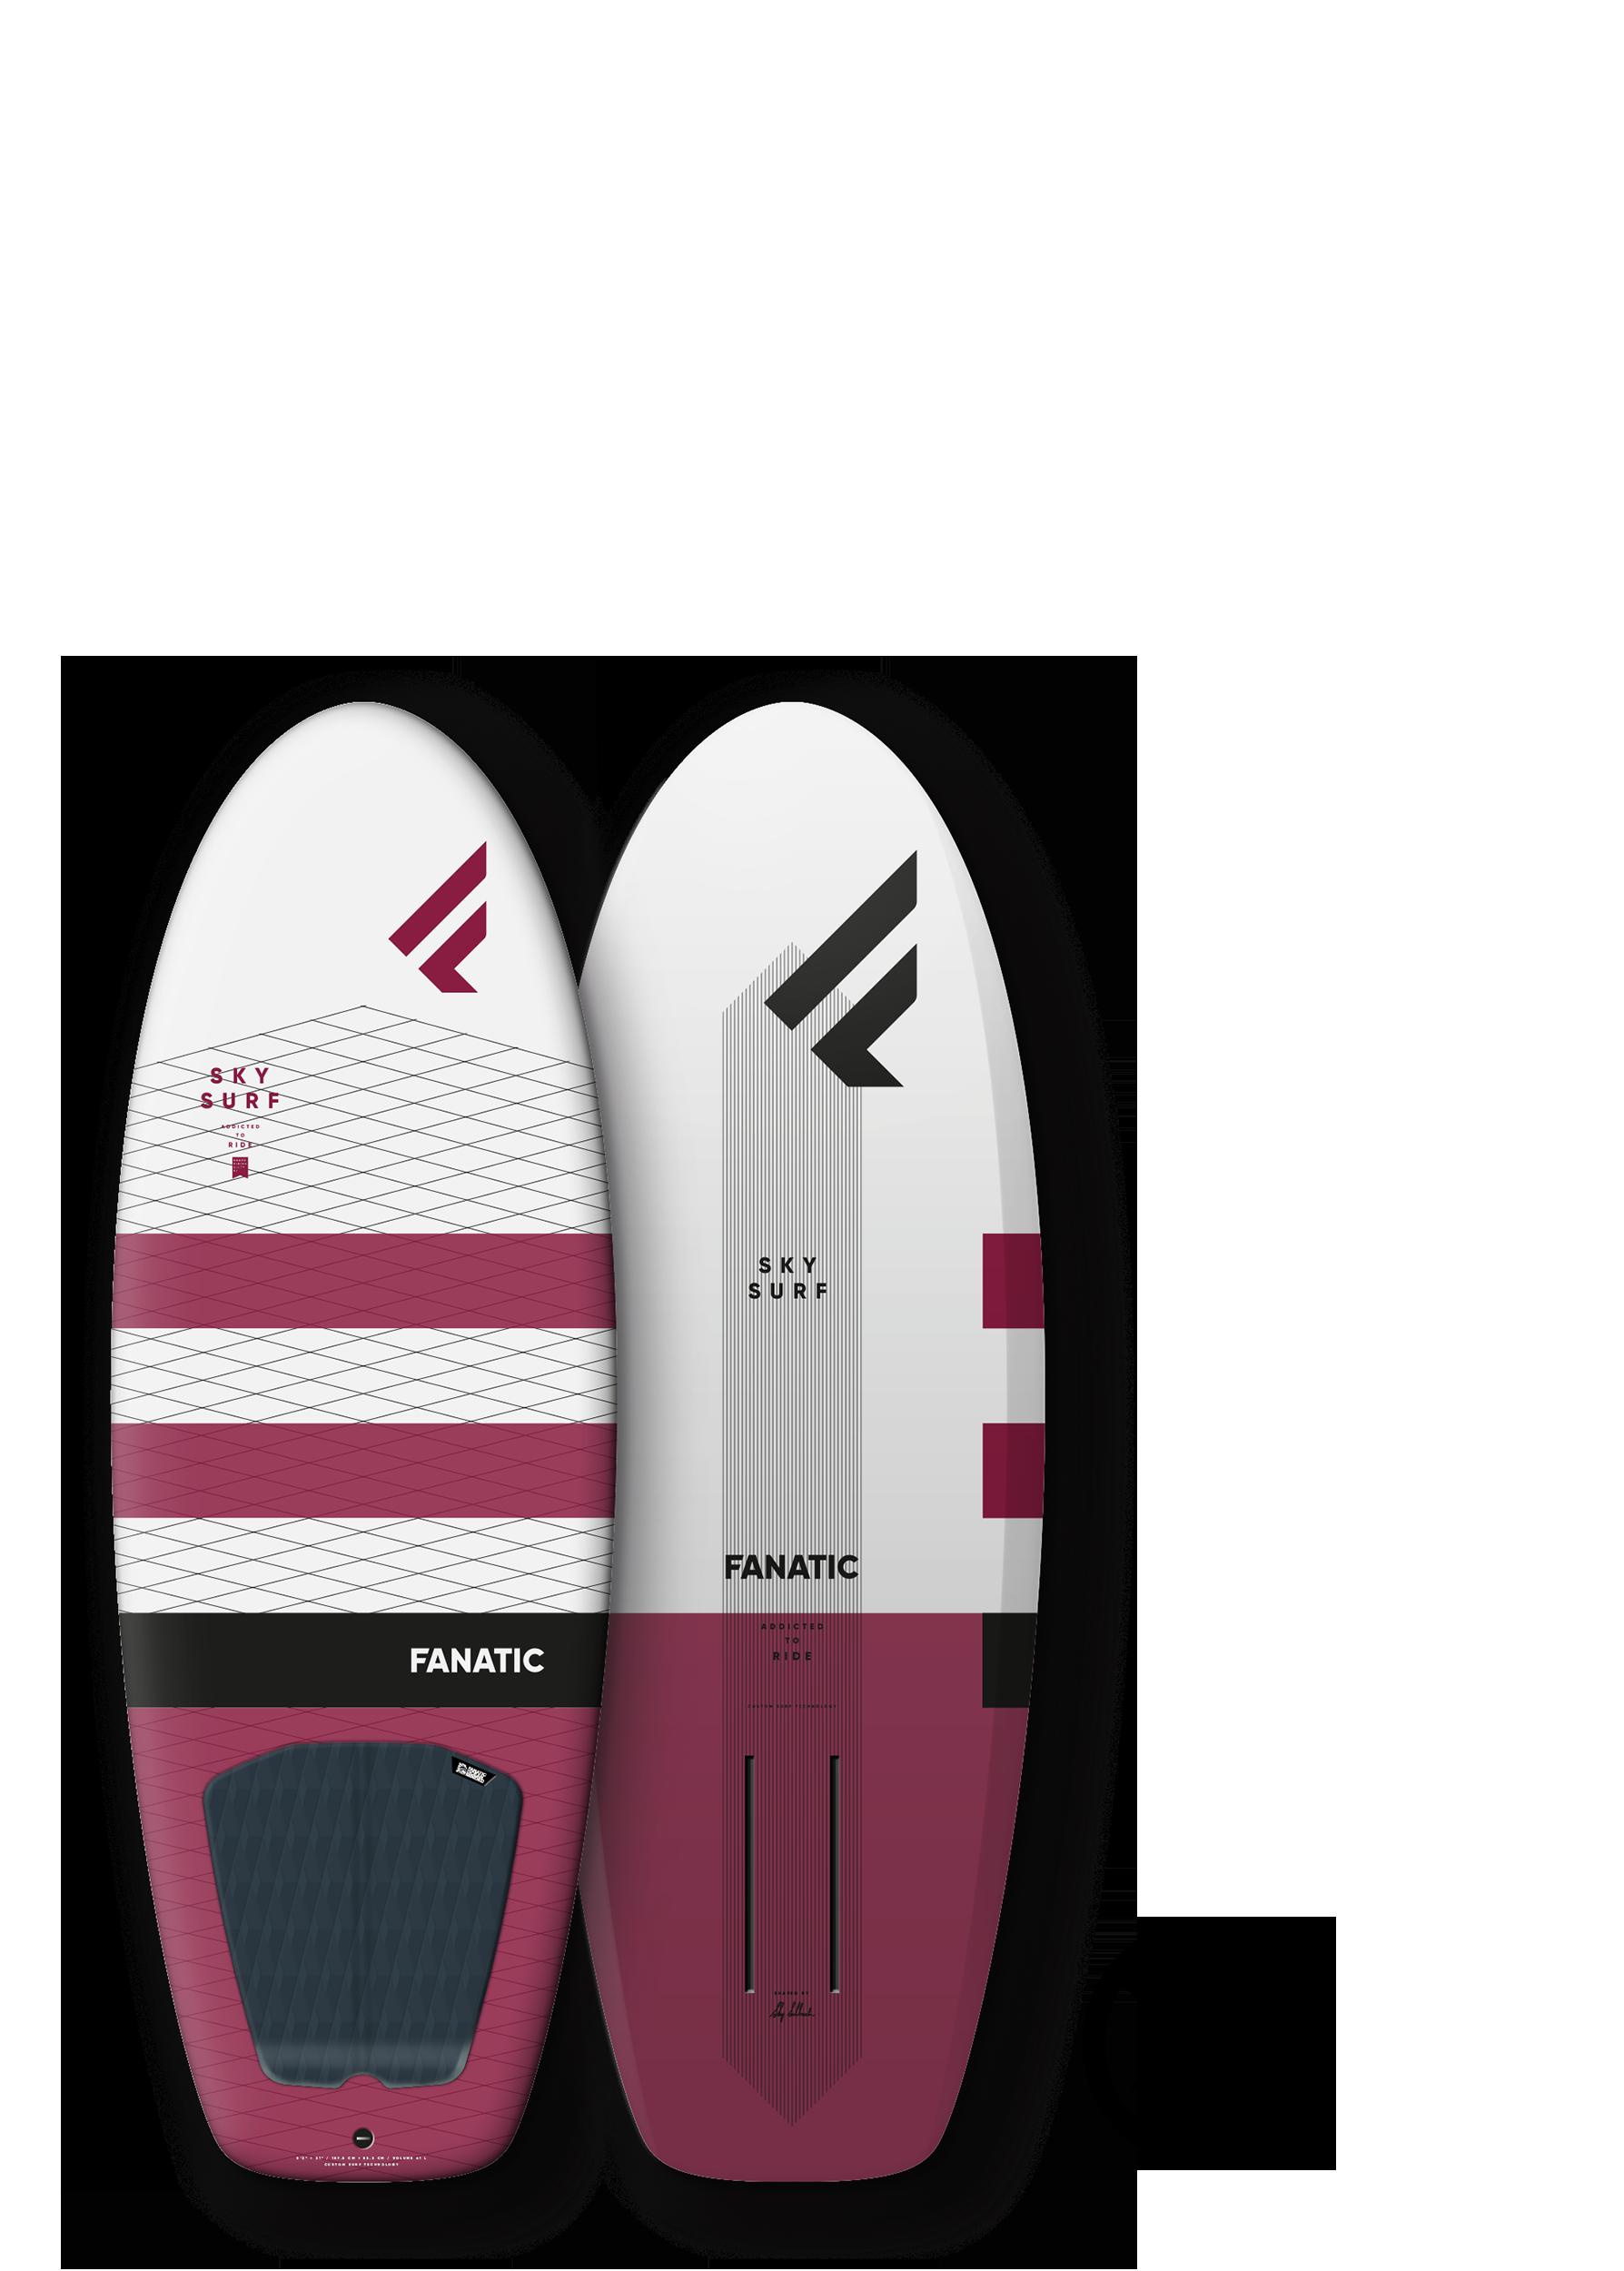 Fanatic Sky Surf Foil 4.8 x 20.5